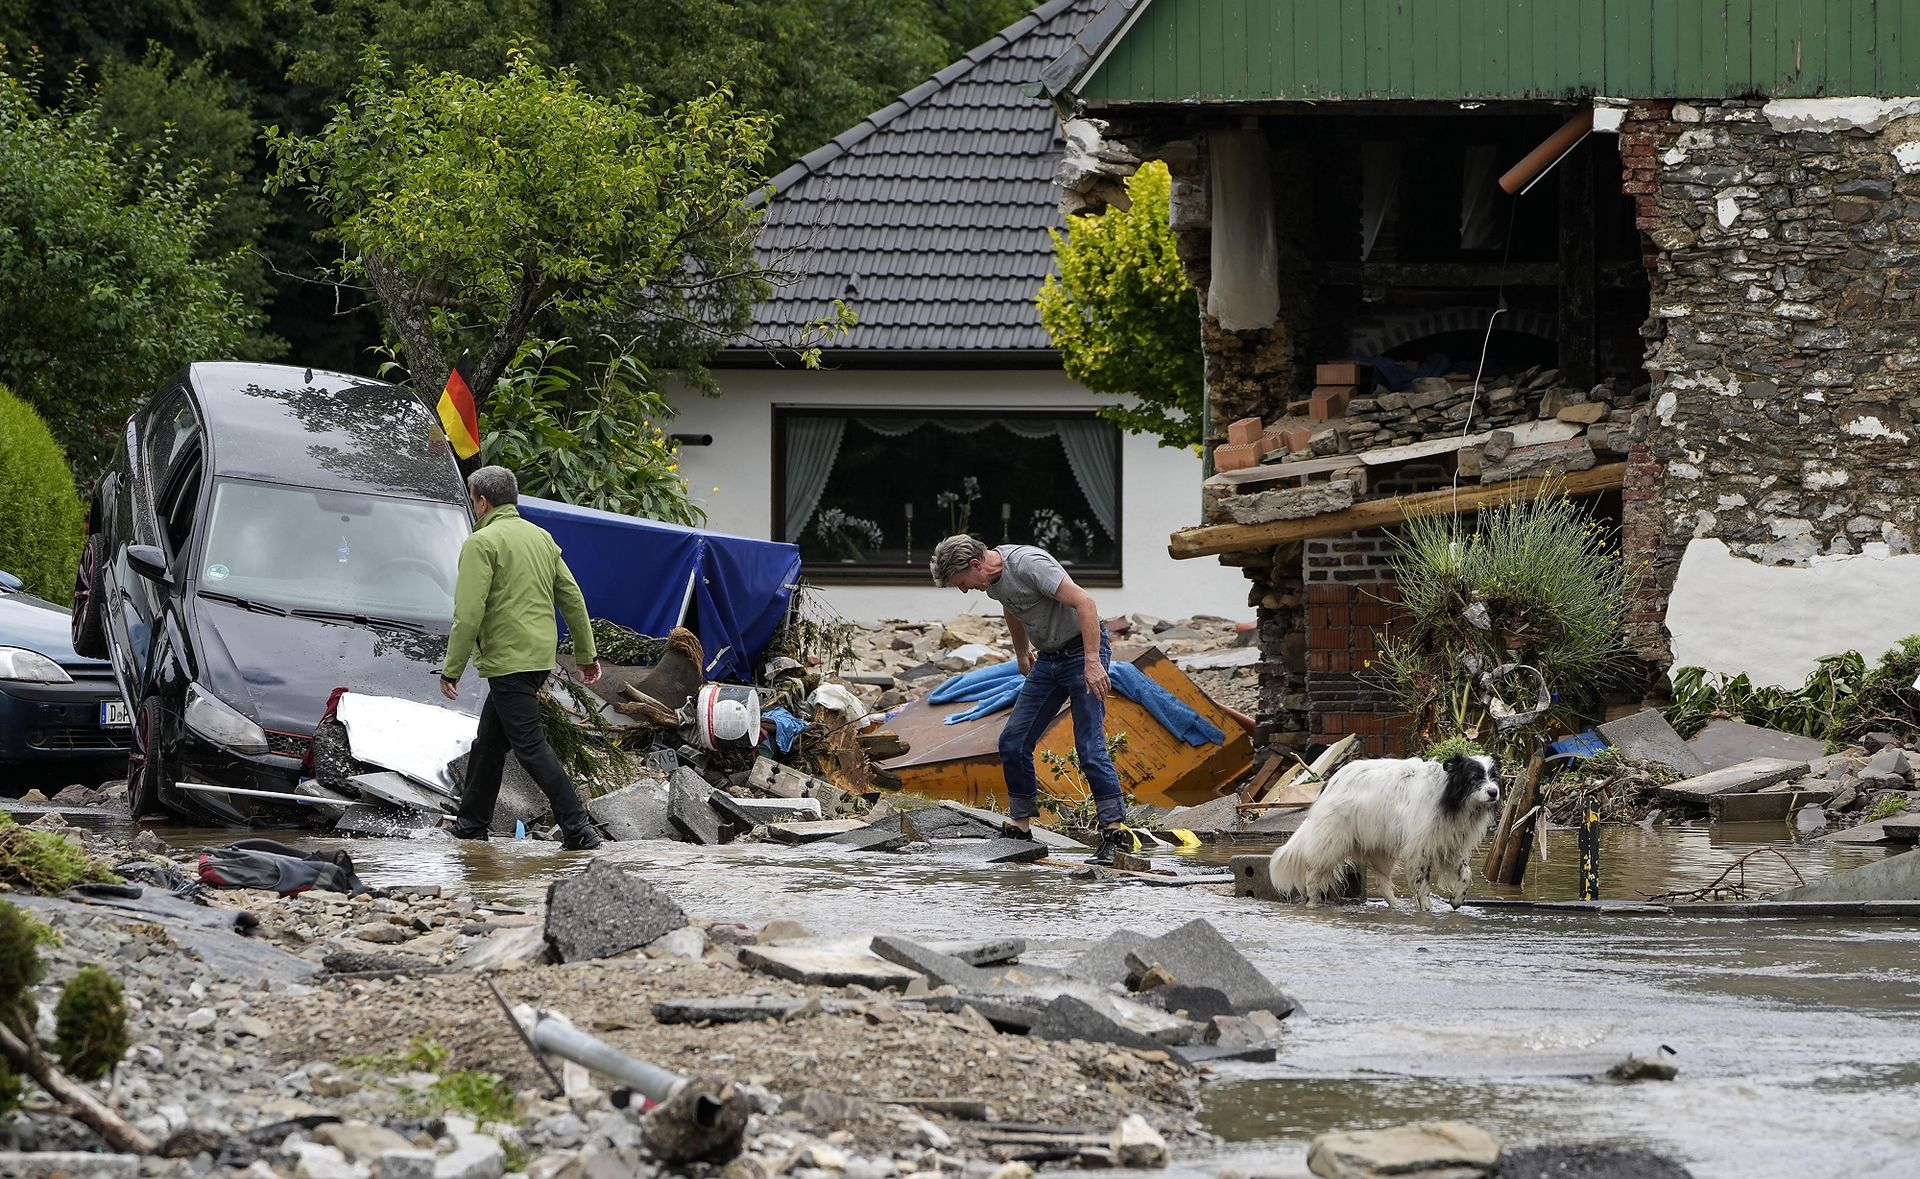 Las casas quedaron destrozadas y los autos apilados en medio de la calle